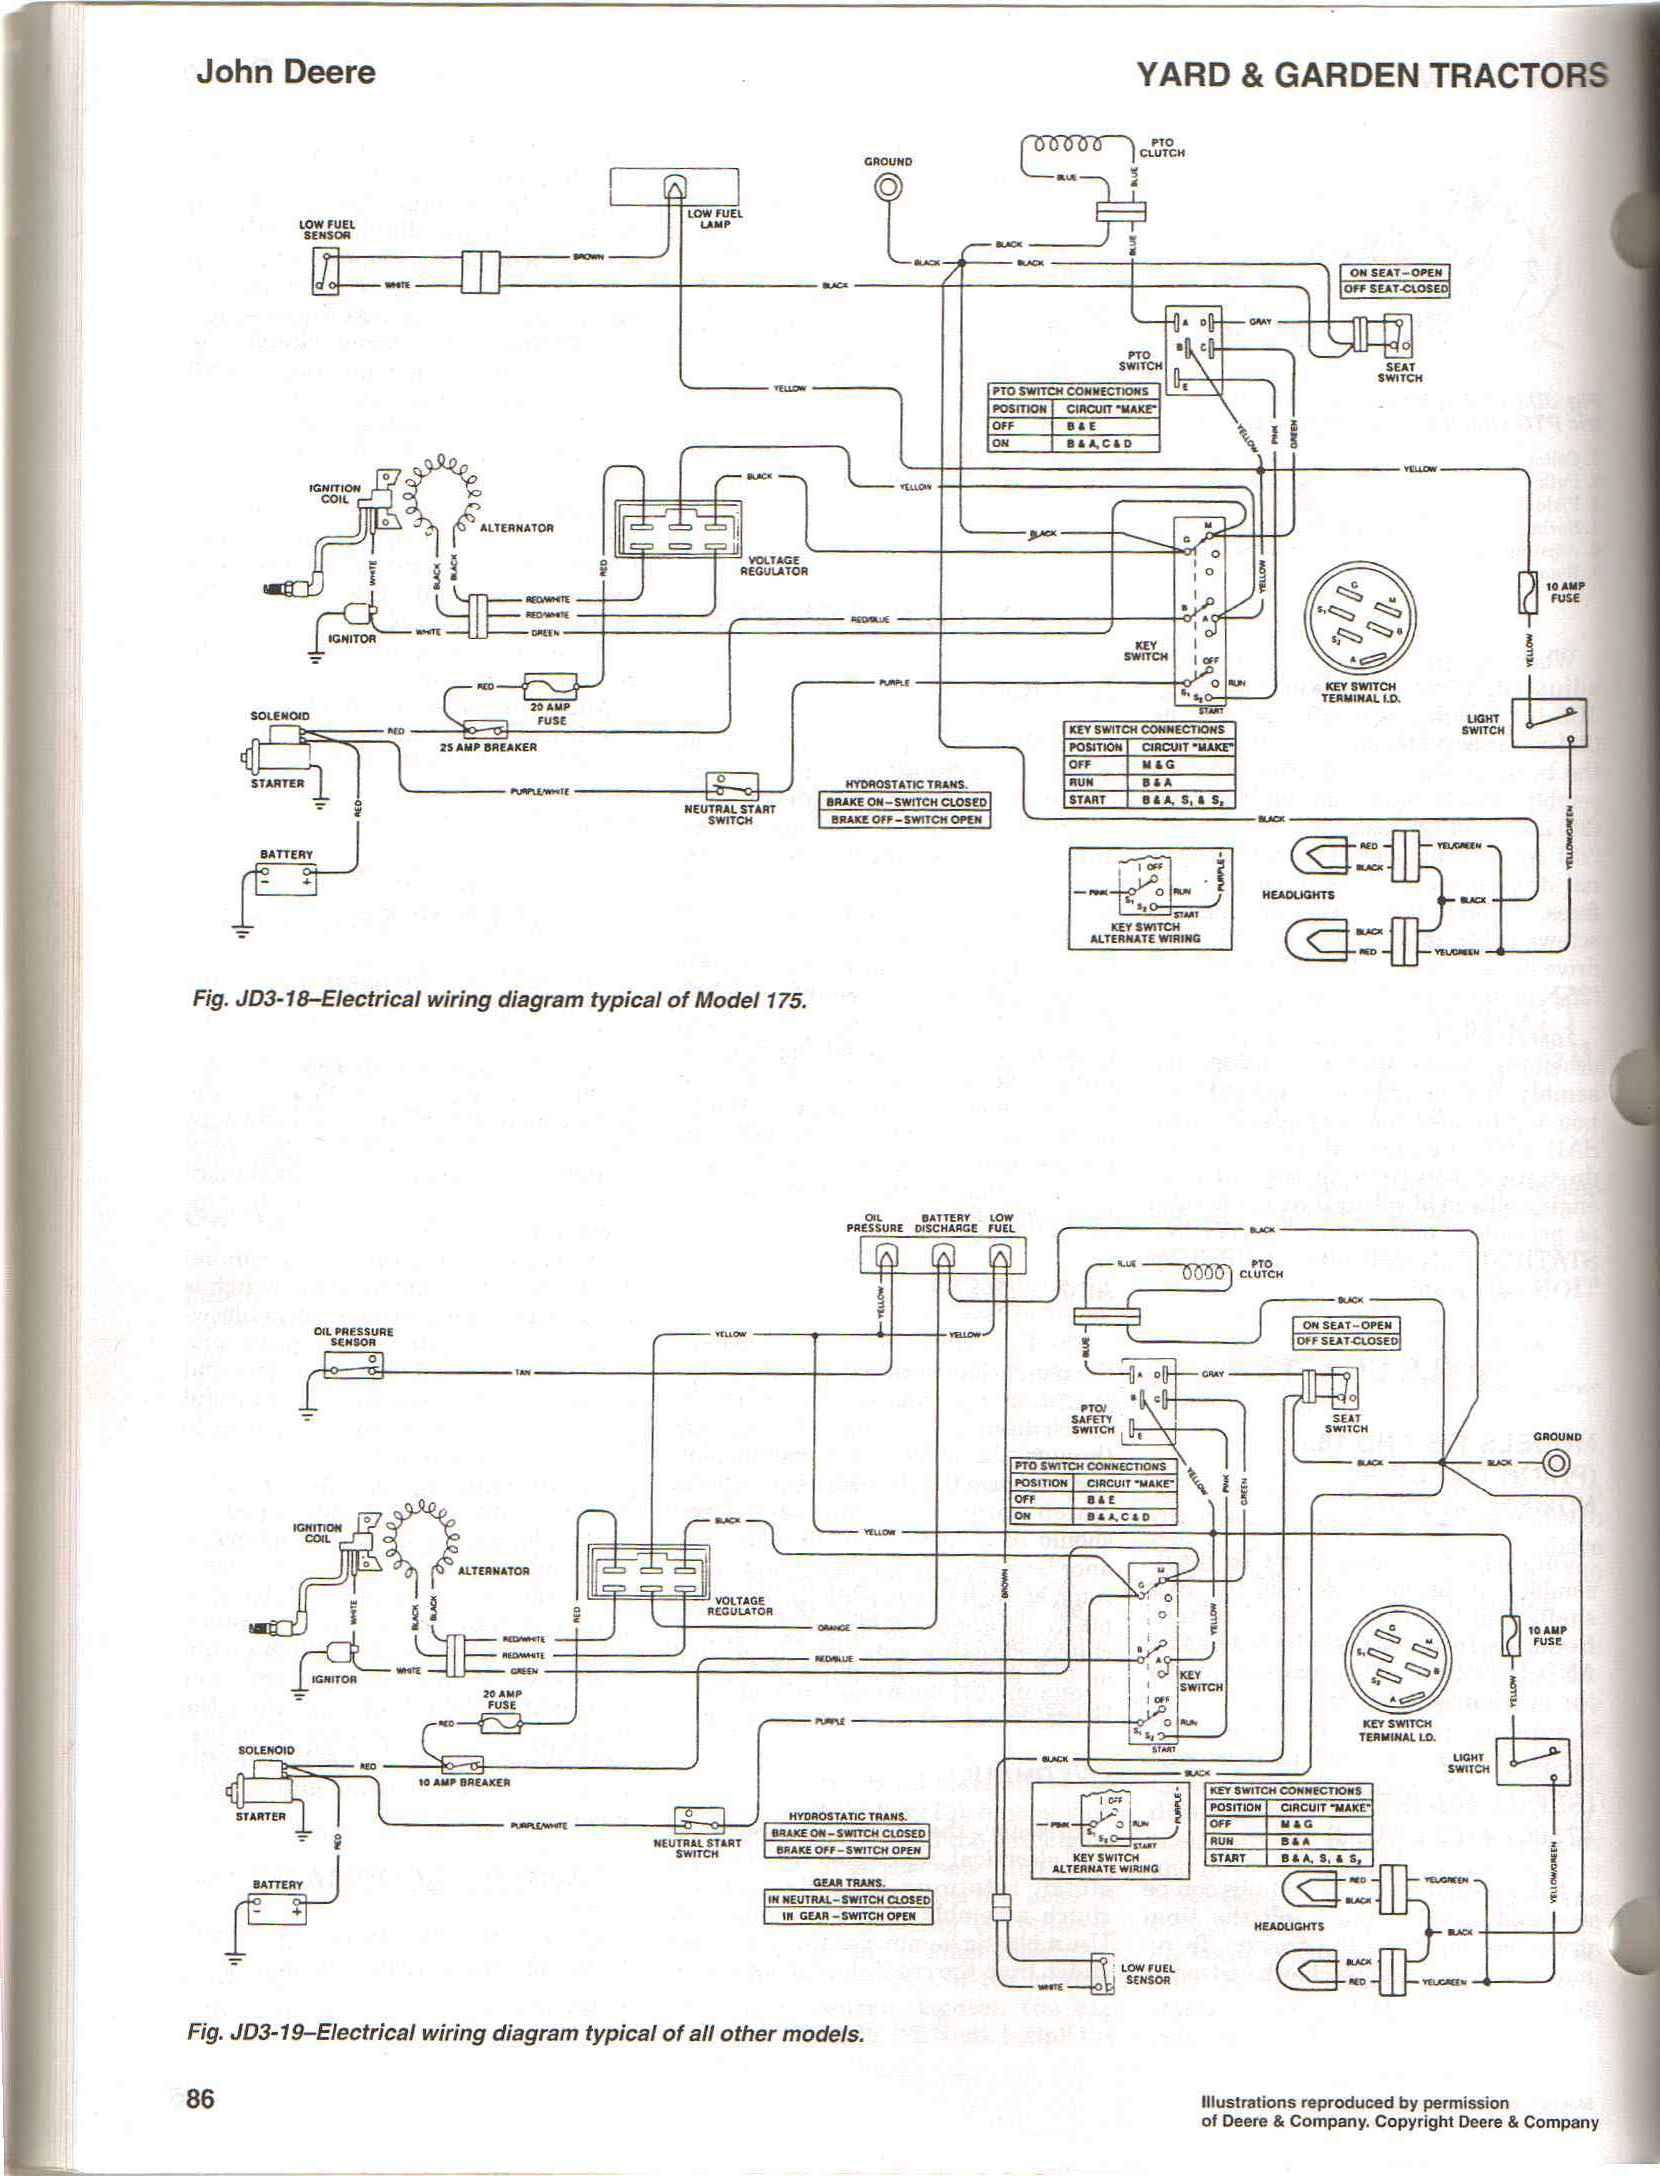 john deere gator 4x2 wiring diagram john image wiring diagram for john deere gator 4x2 jodebal com on john deere gator 4x2 wiring diagram